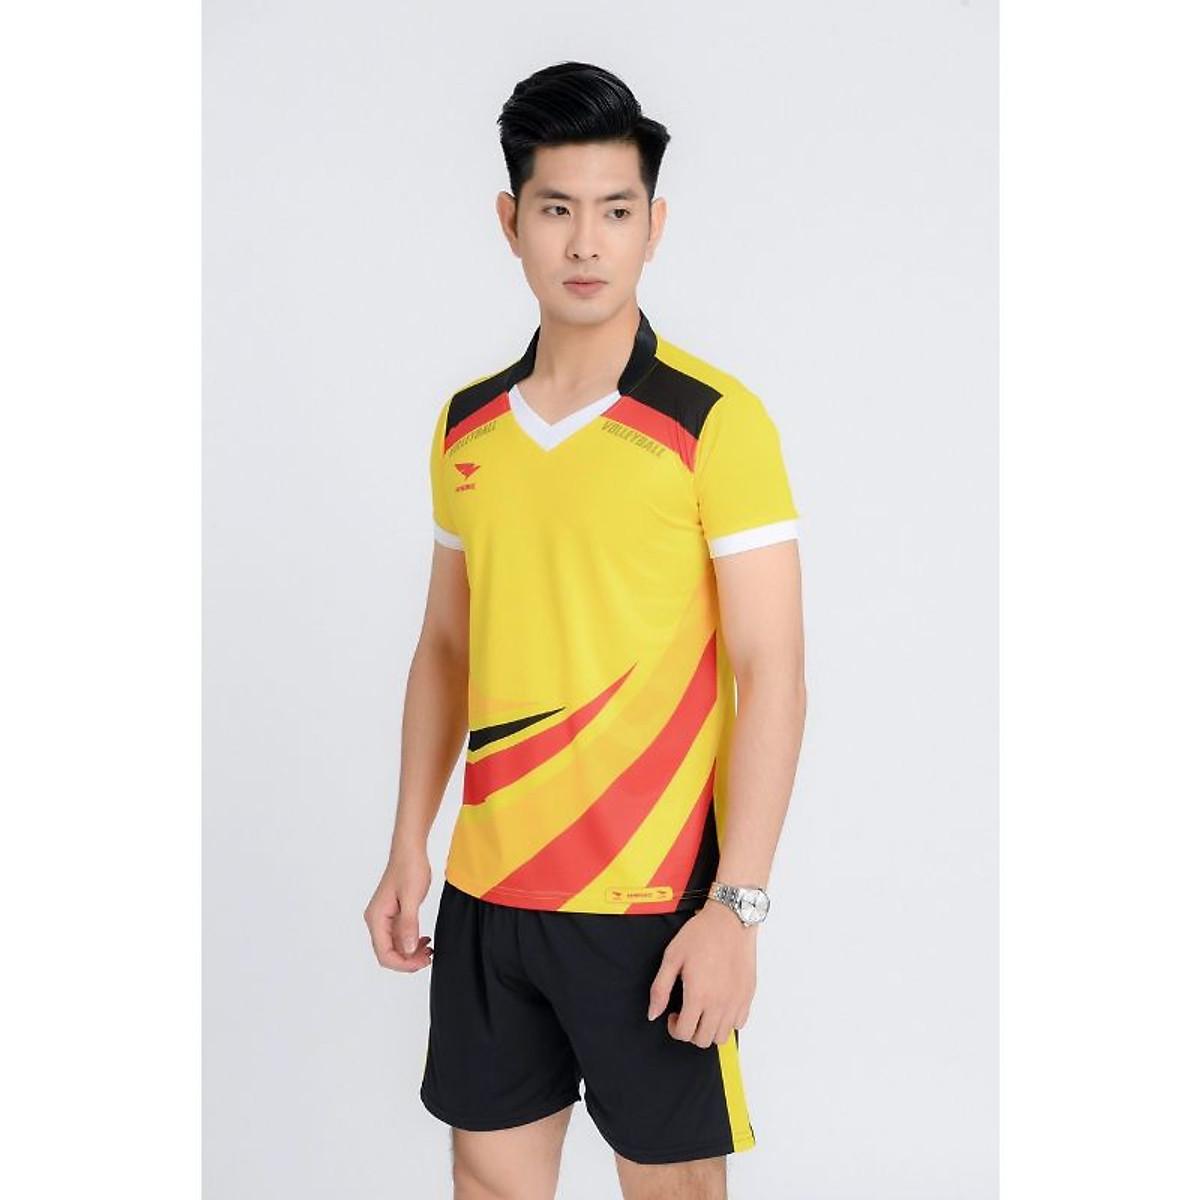 Bộ quần áo bóng chuyền Hiwing H2-2019